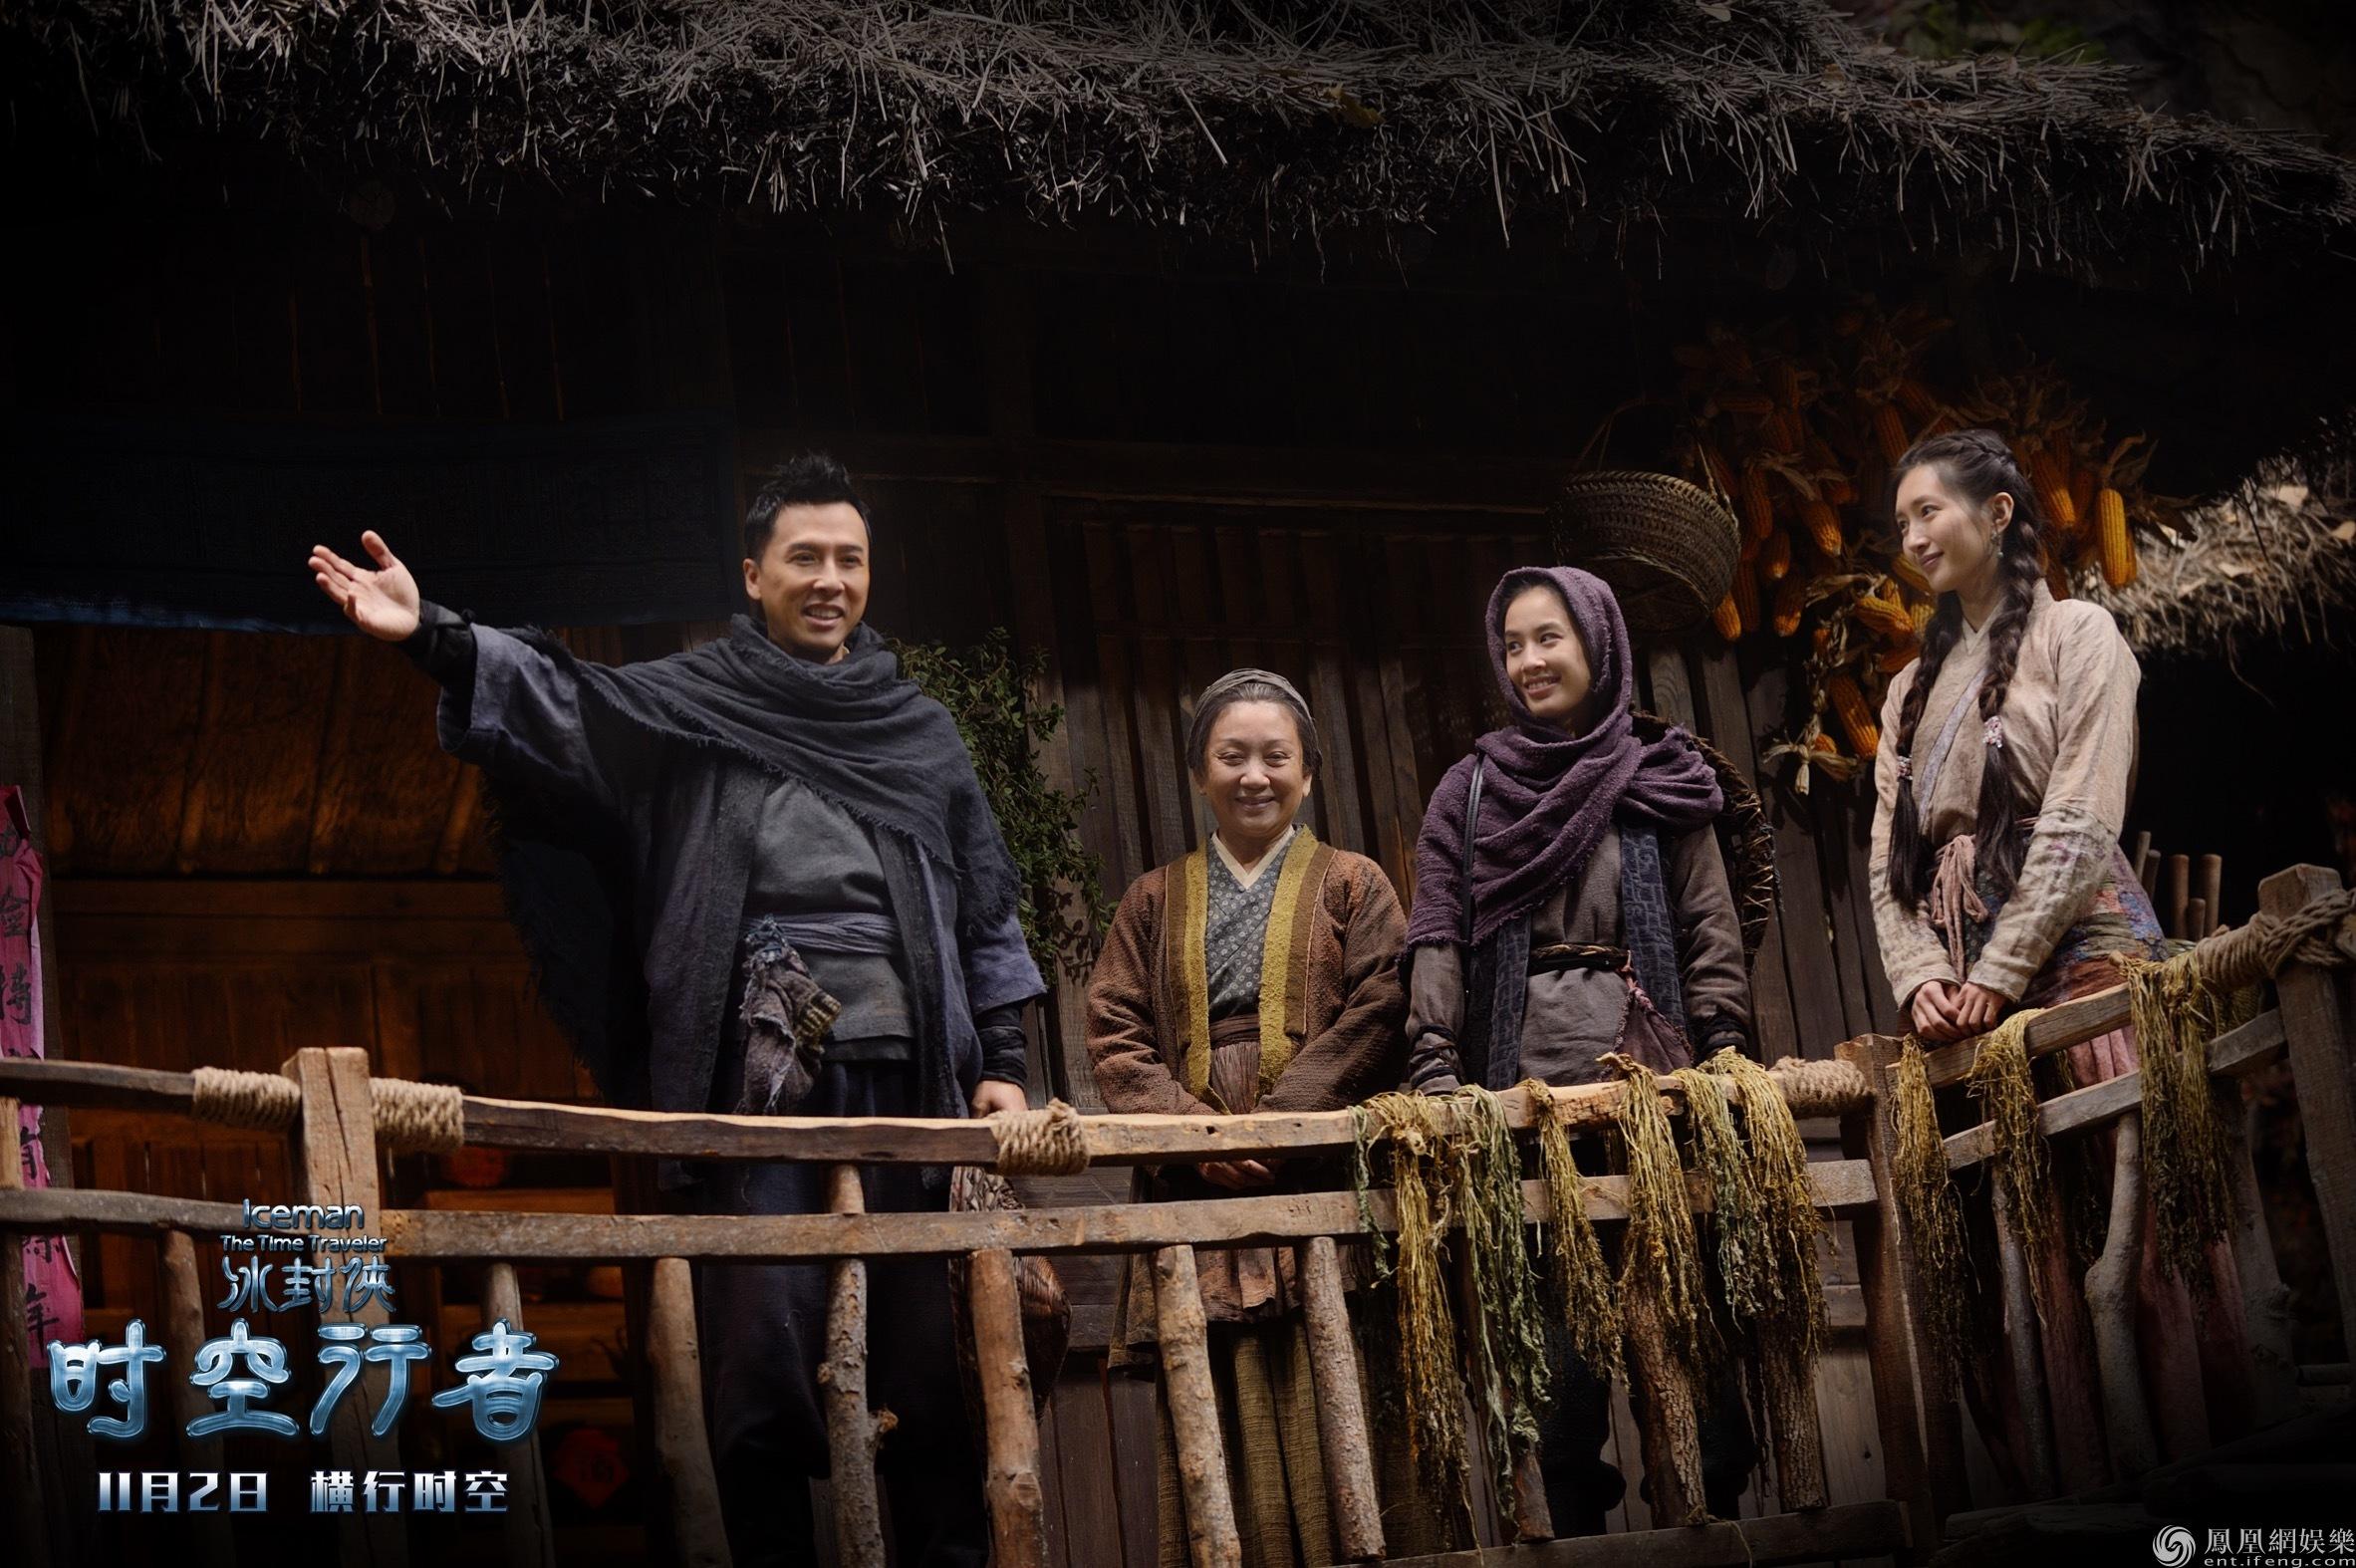 五星闪耀《时空行者》发布终极海报 甄子丹领衔最强战